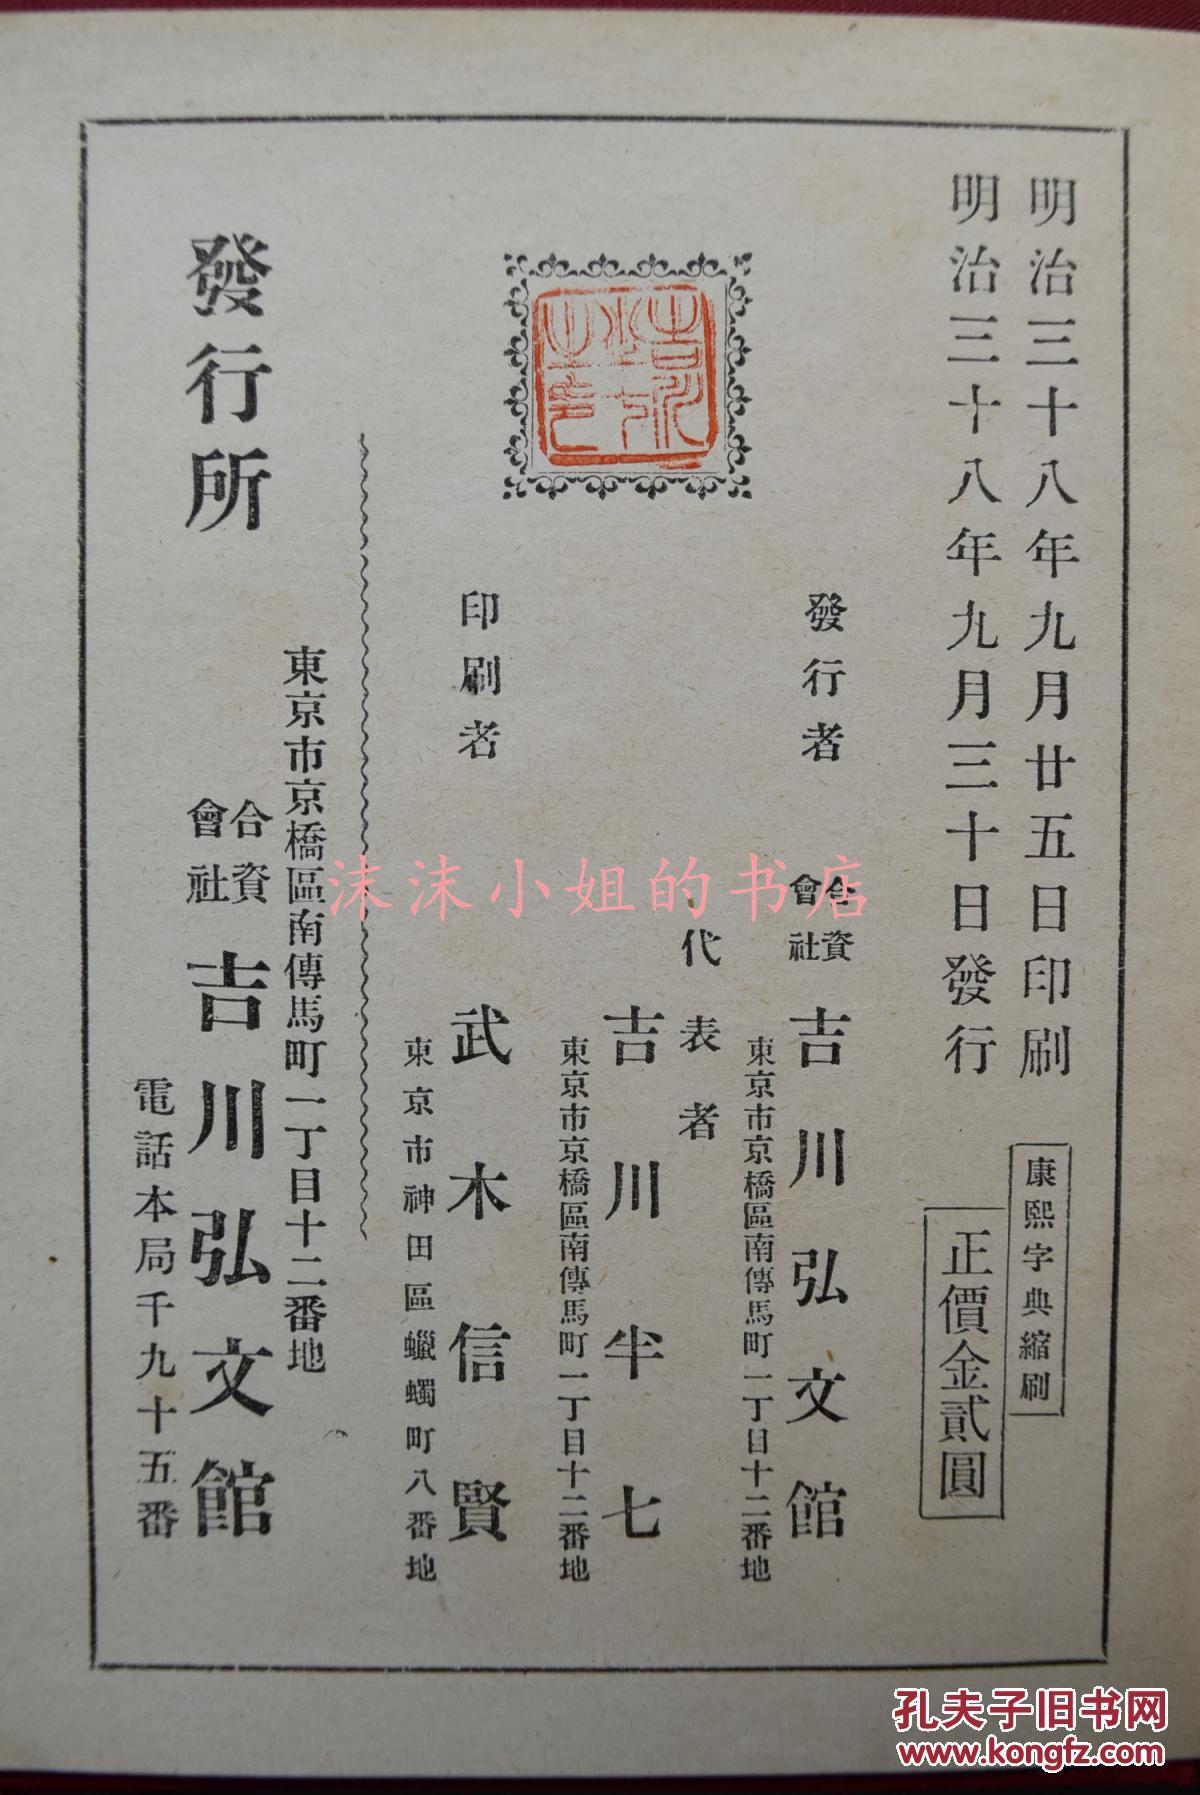 熙字典中繁体字笔画是23画的所有字